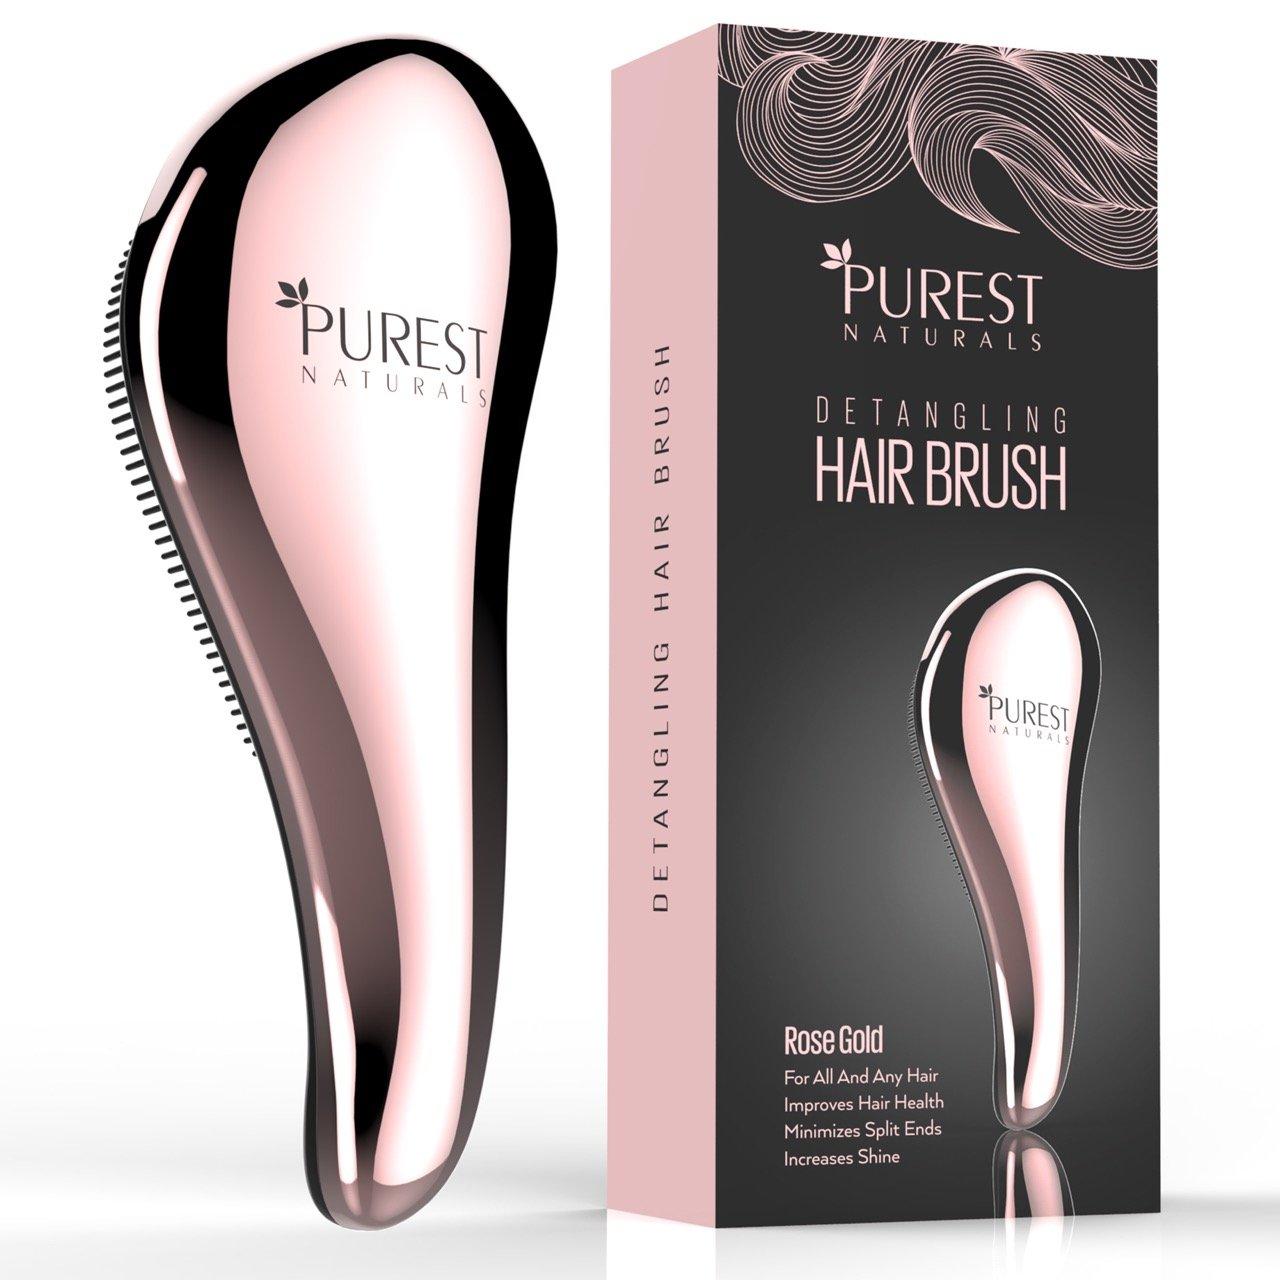 Purest Naturals Chrome Detangling Hair Brush Set - Best Detangler Wet Shower Comb For Women, Men, Girls & Boys - Detangle Knots Easily